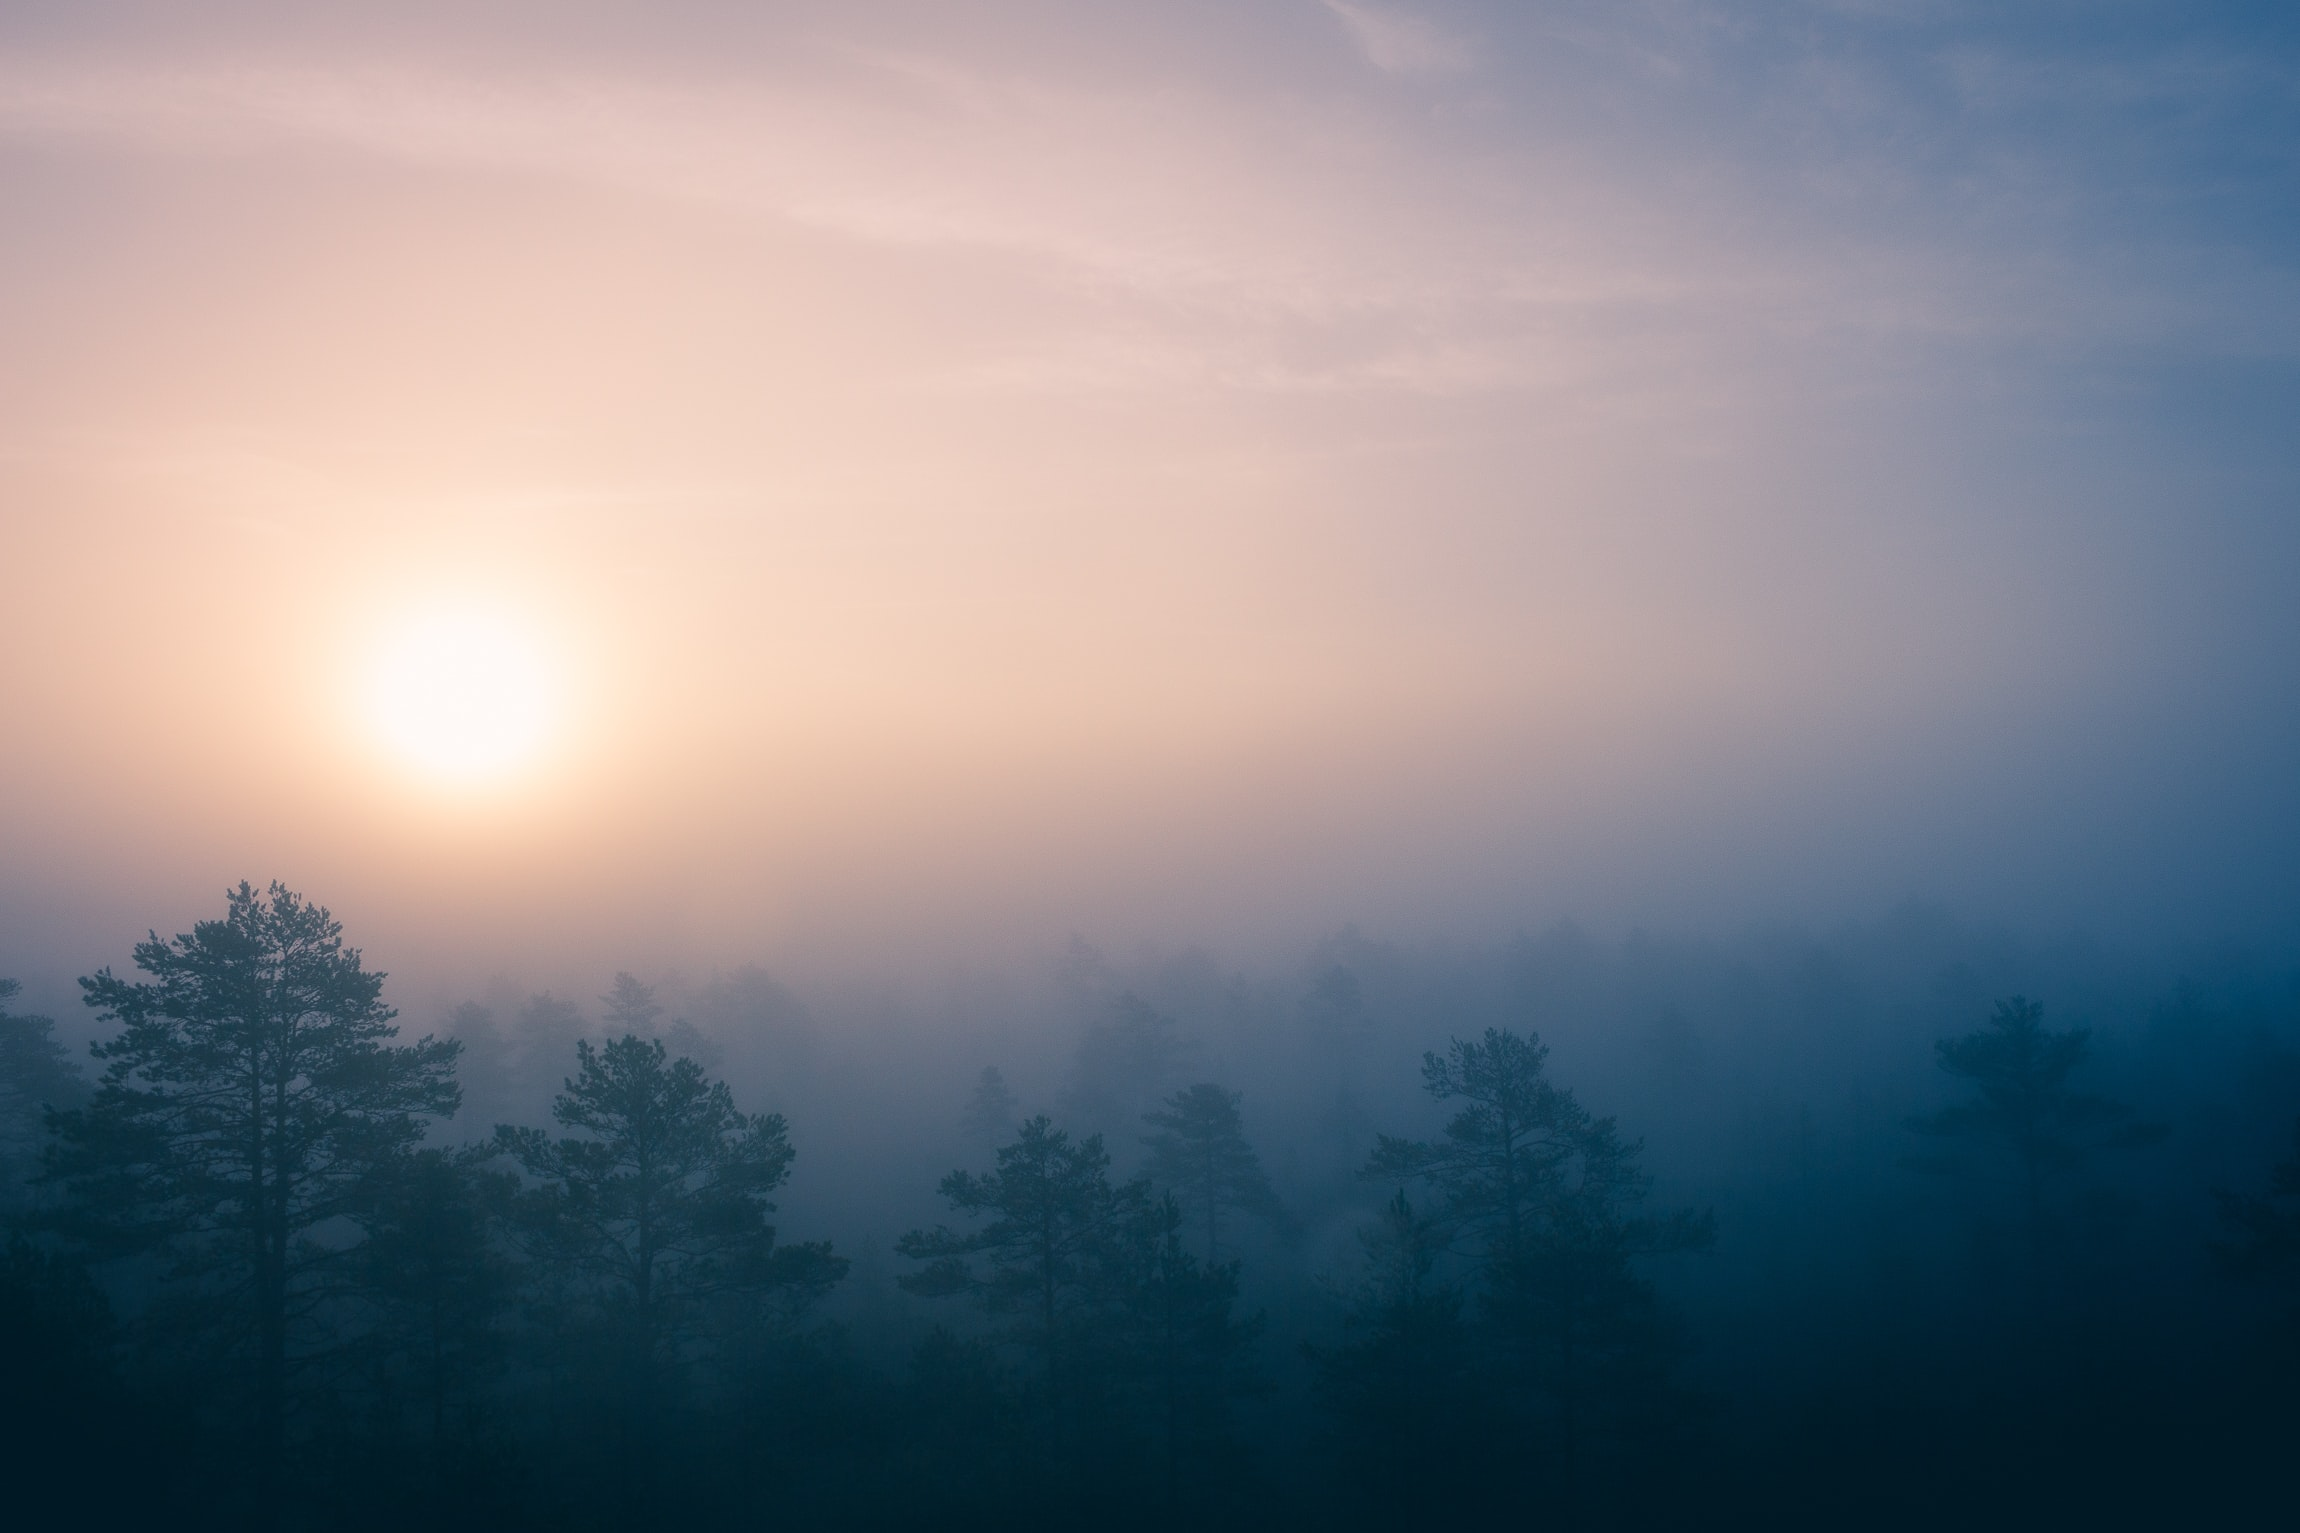 Hazy and moody skies in Viru Raba Vaatetorn